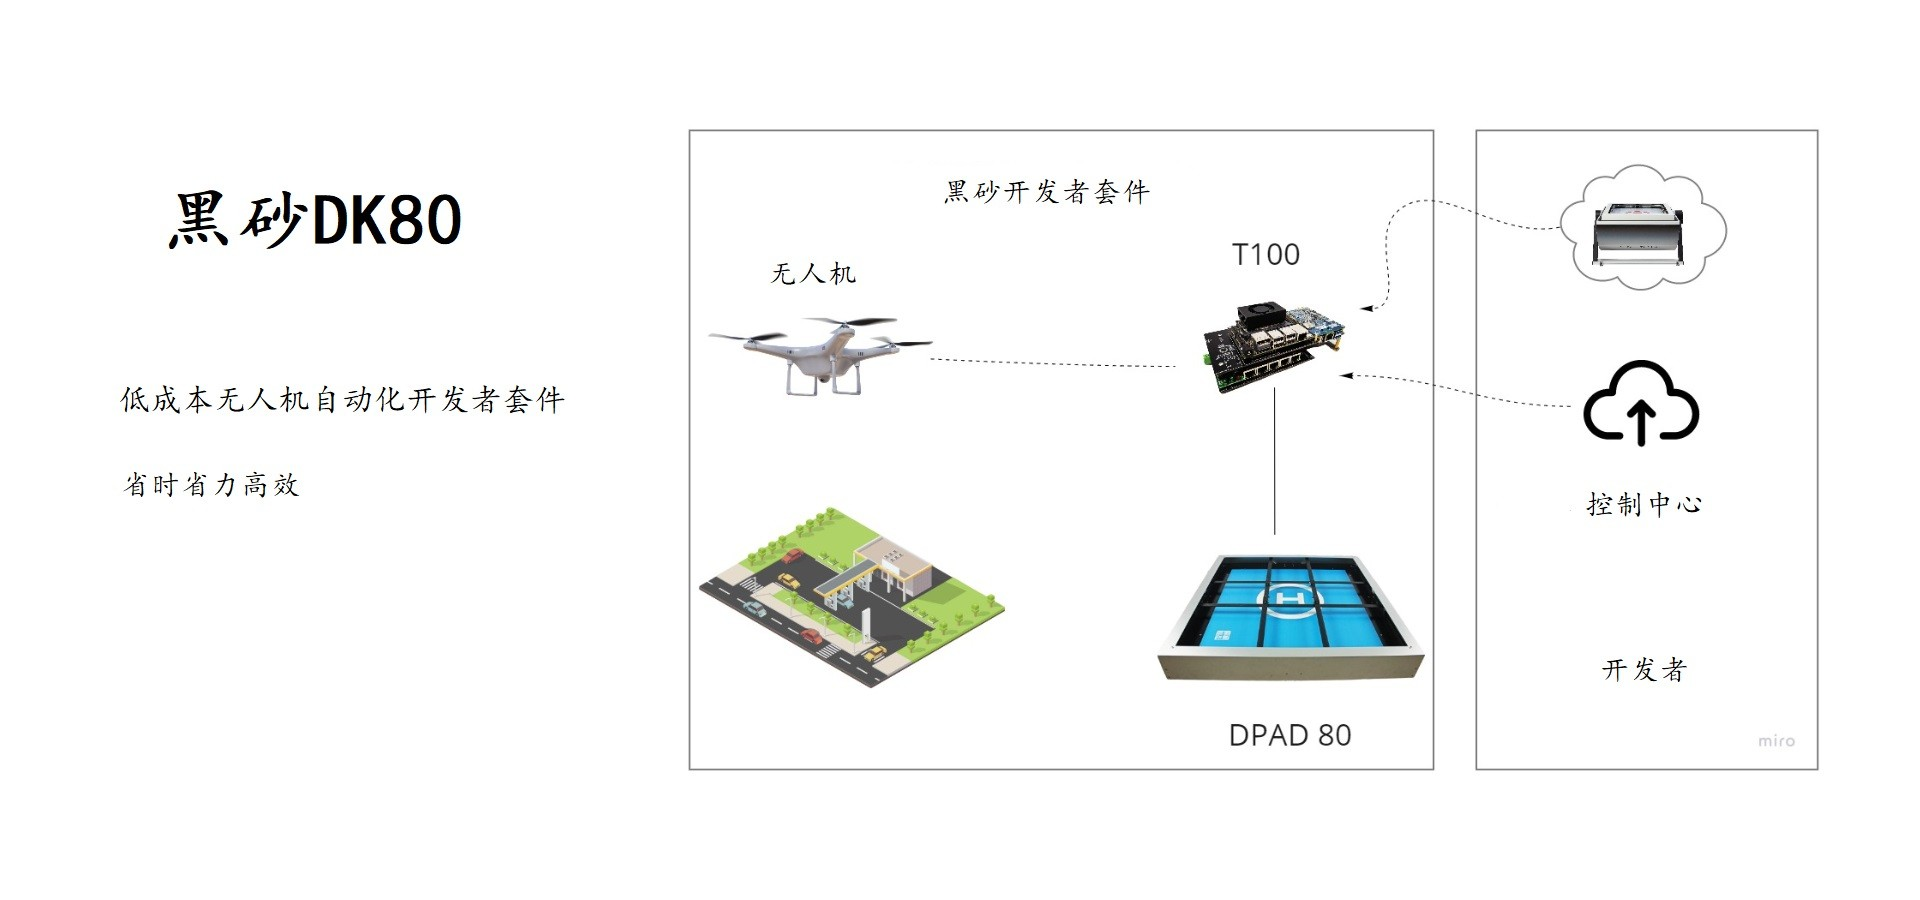 黑砂自动化无人机开发者套件